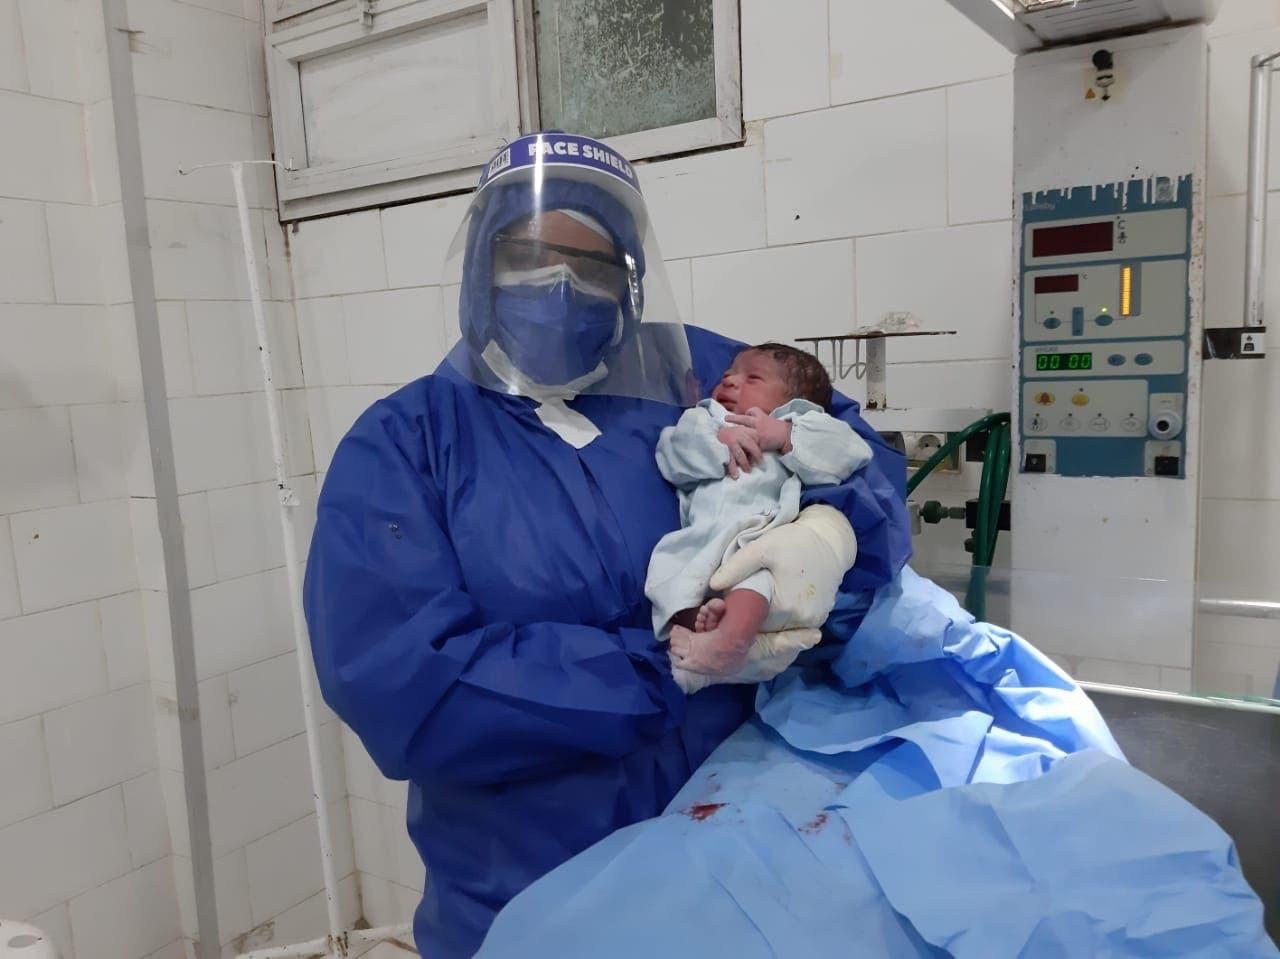 أحد أعاضاء الطاقم الطبي مع الطفل